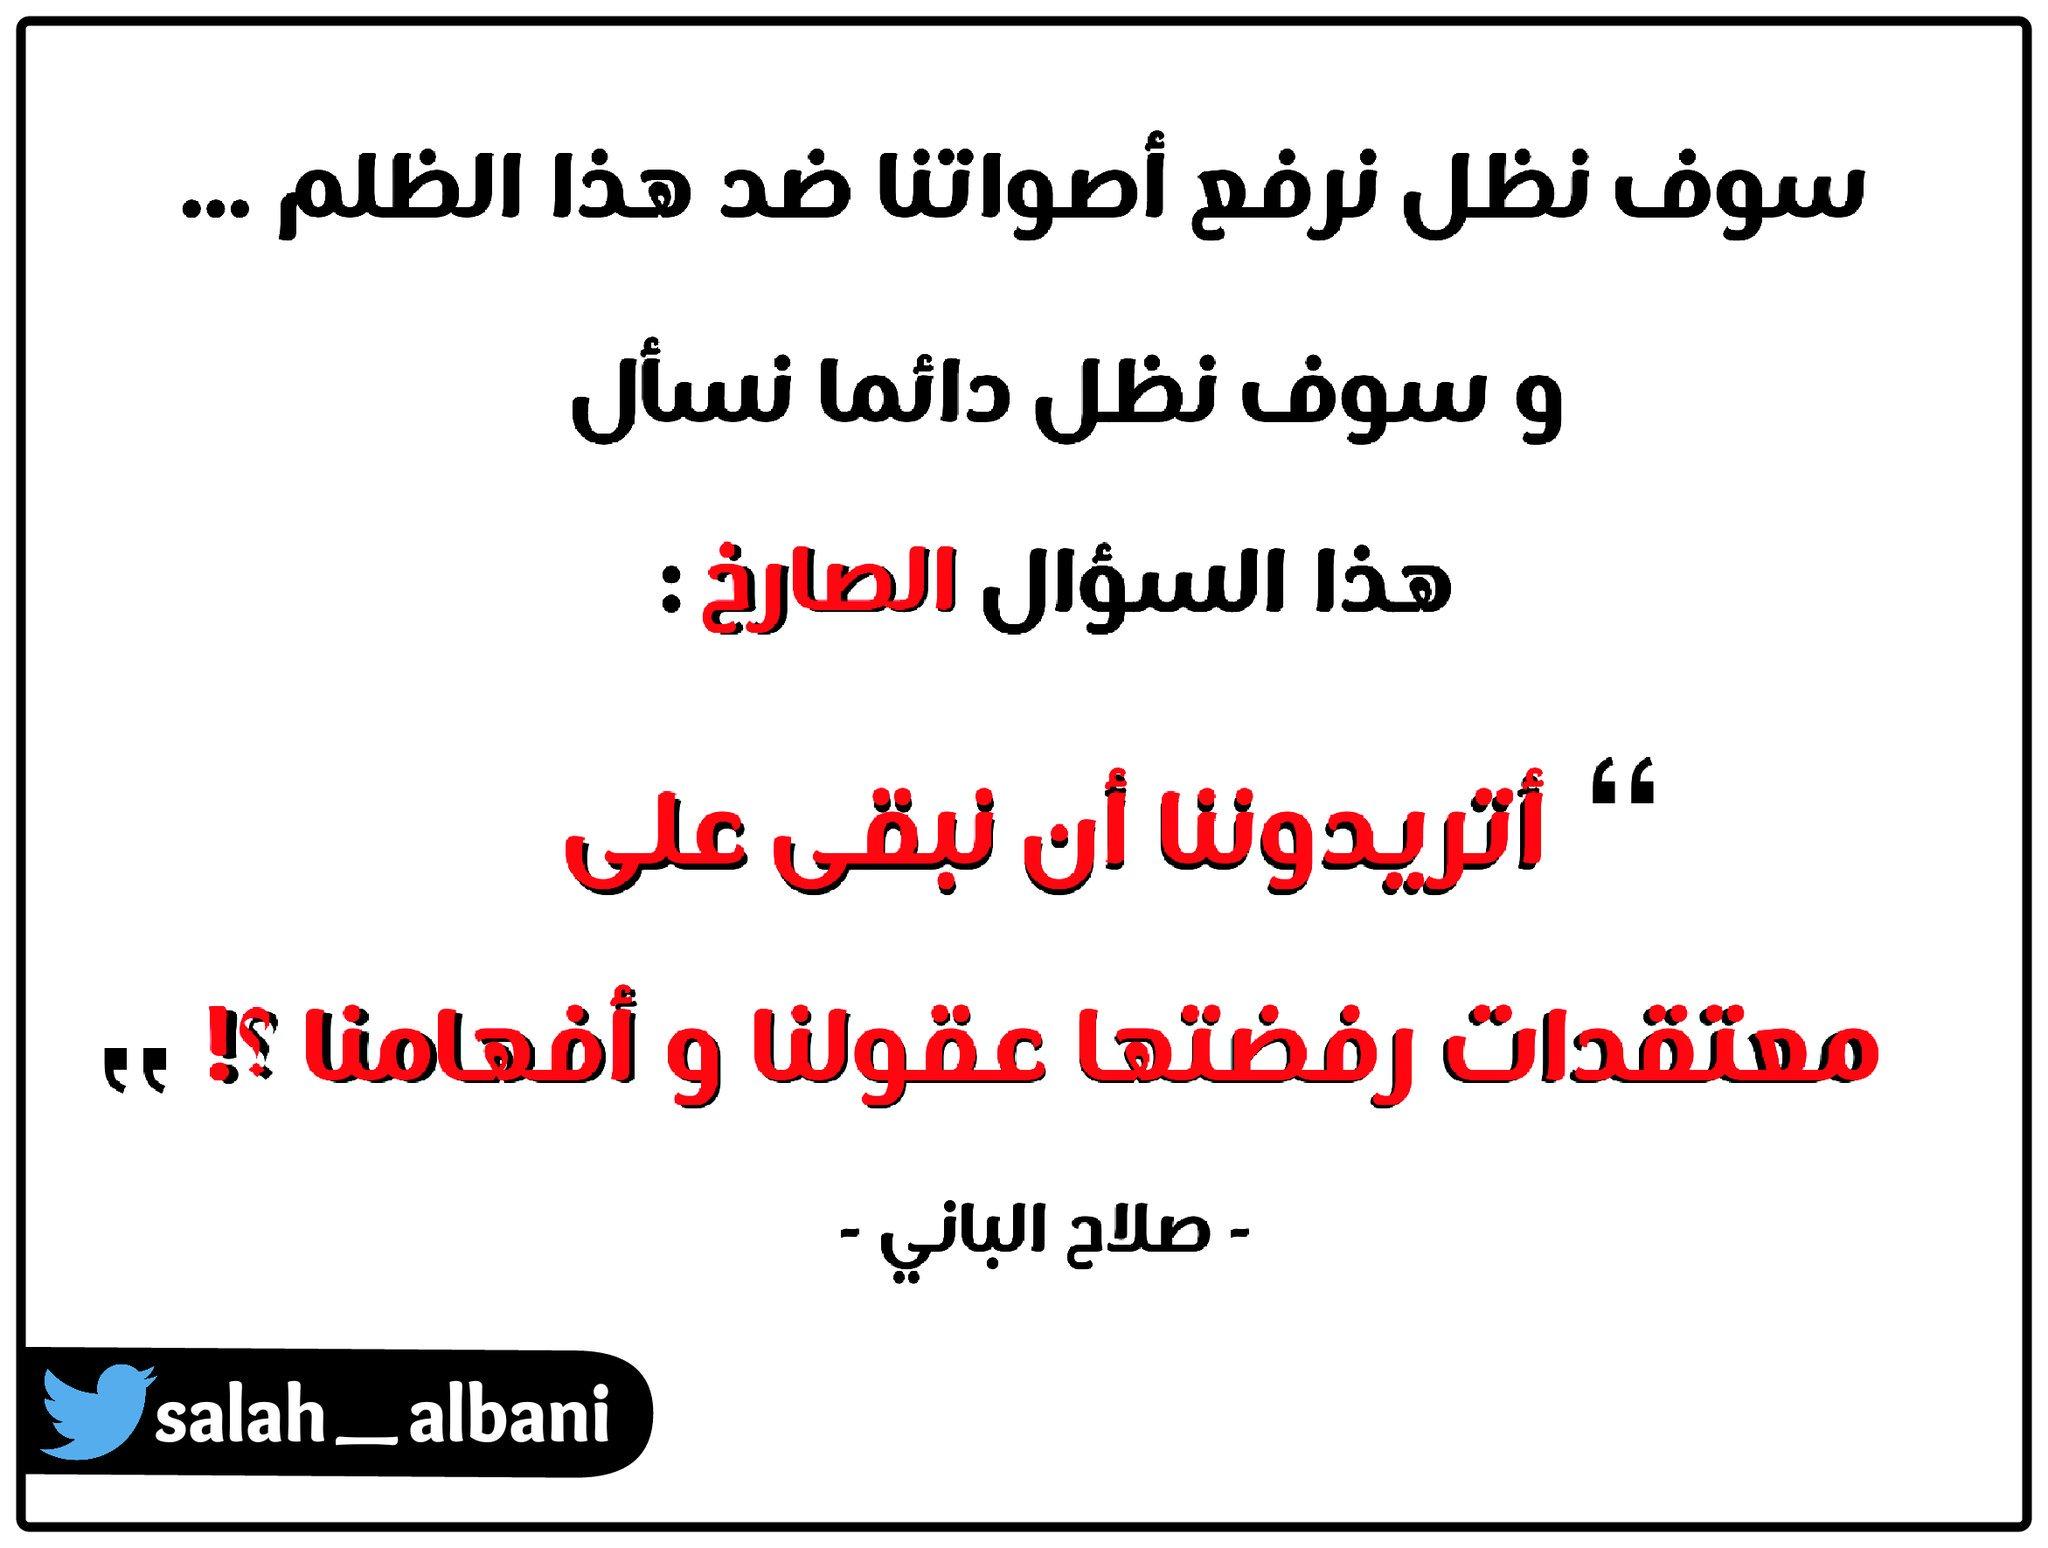 RT @Salah_Albani: عقولنا لن تقبل بسخافاتكم المقدسة ...!! https://t.co/y35dKkuJoz